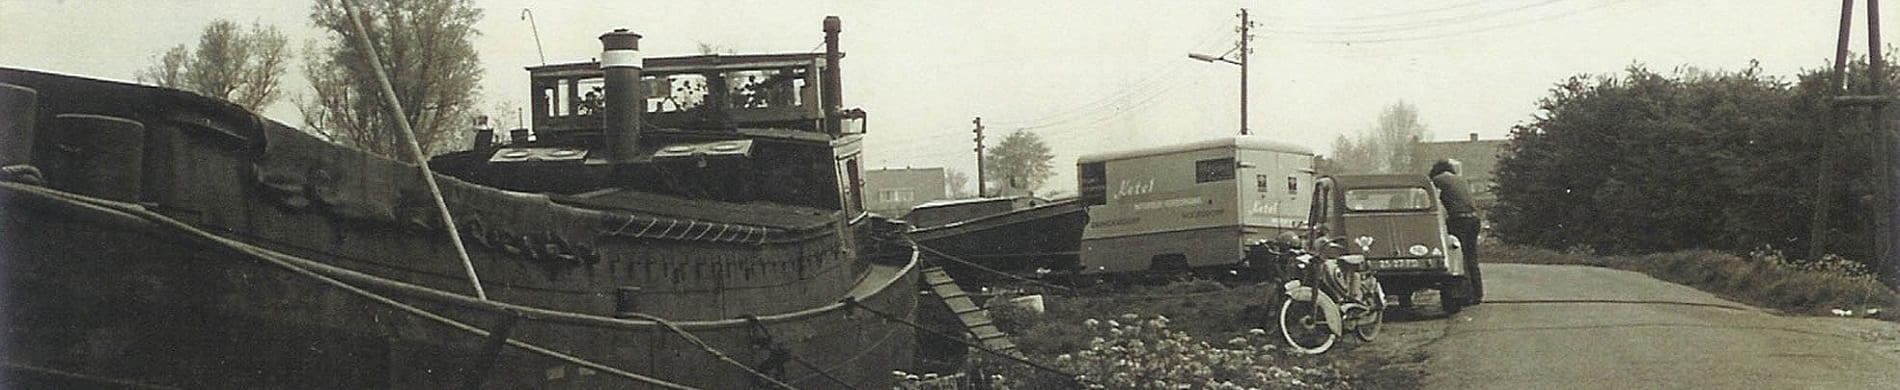 historie zeilschip